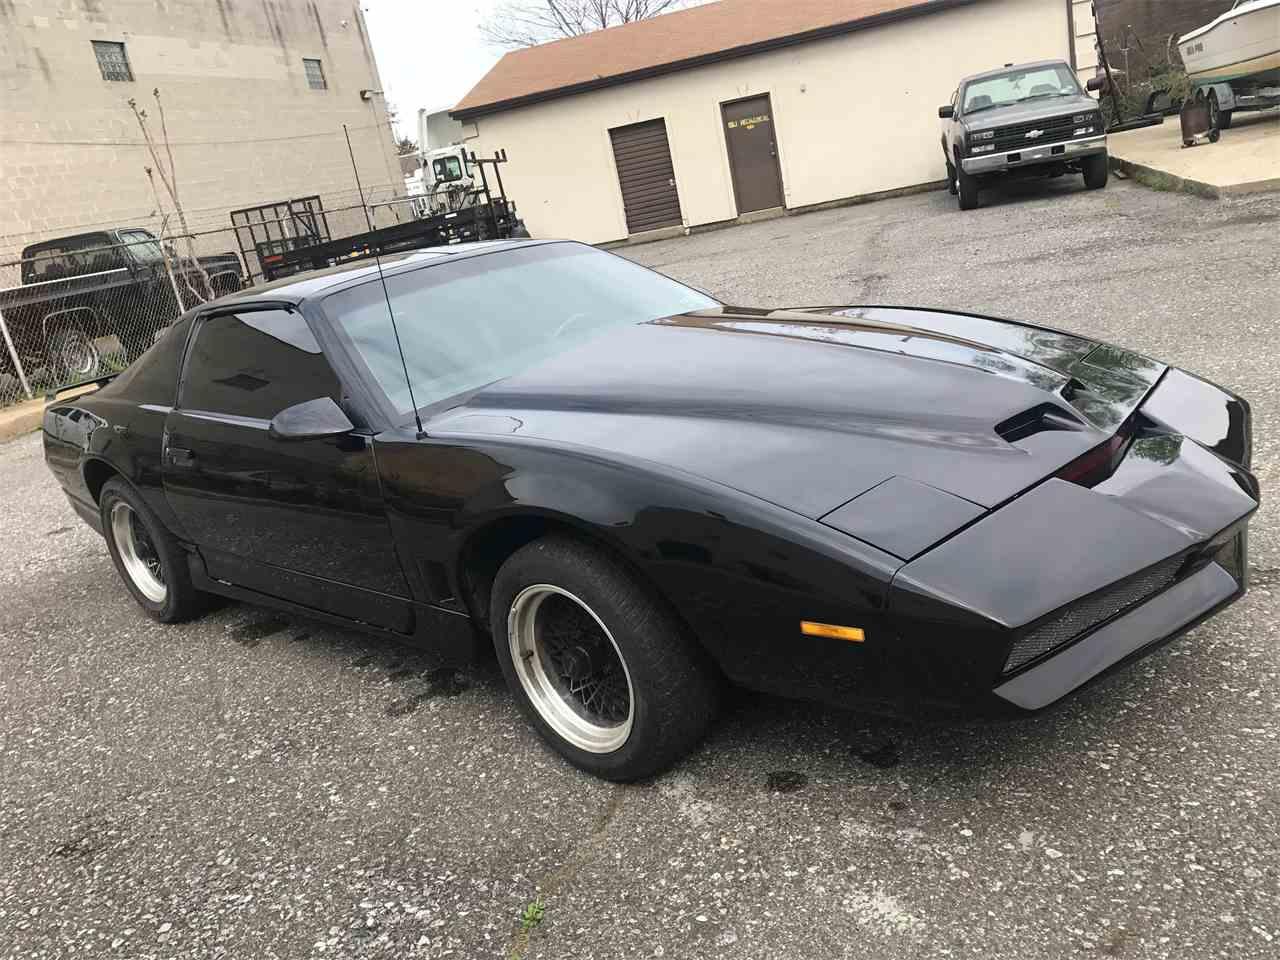 1988 Pontiac Trans Am GTA - YouTube